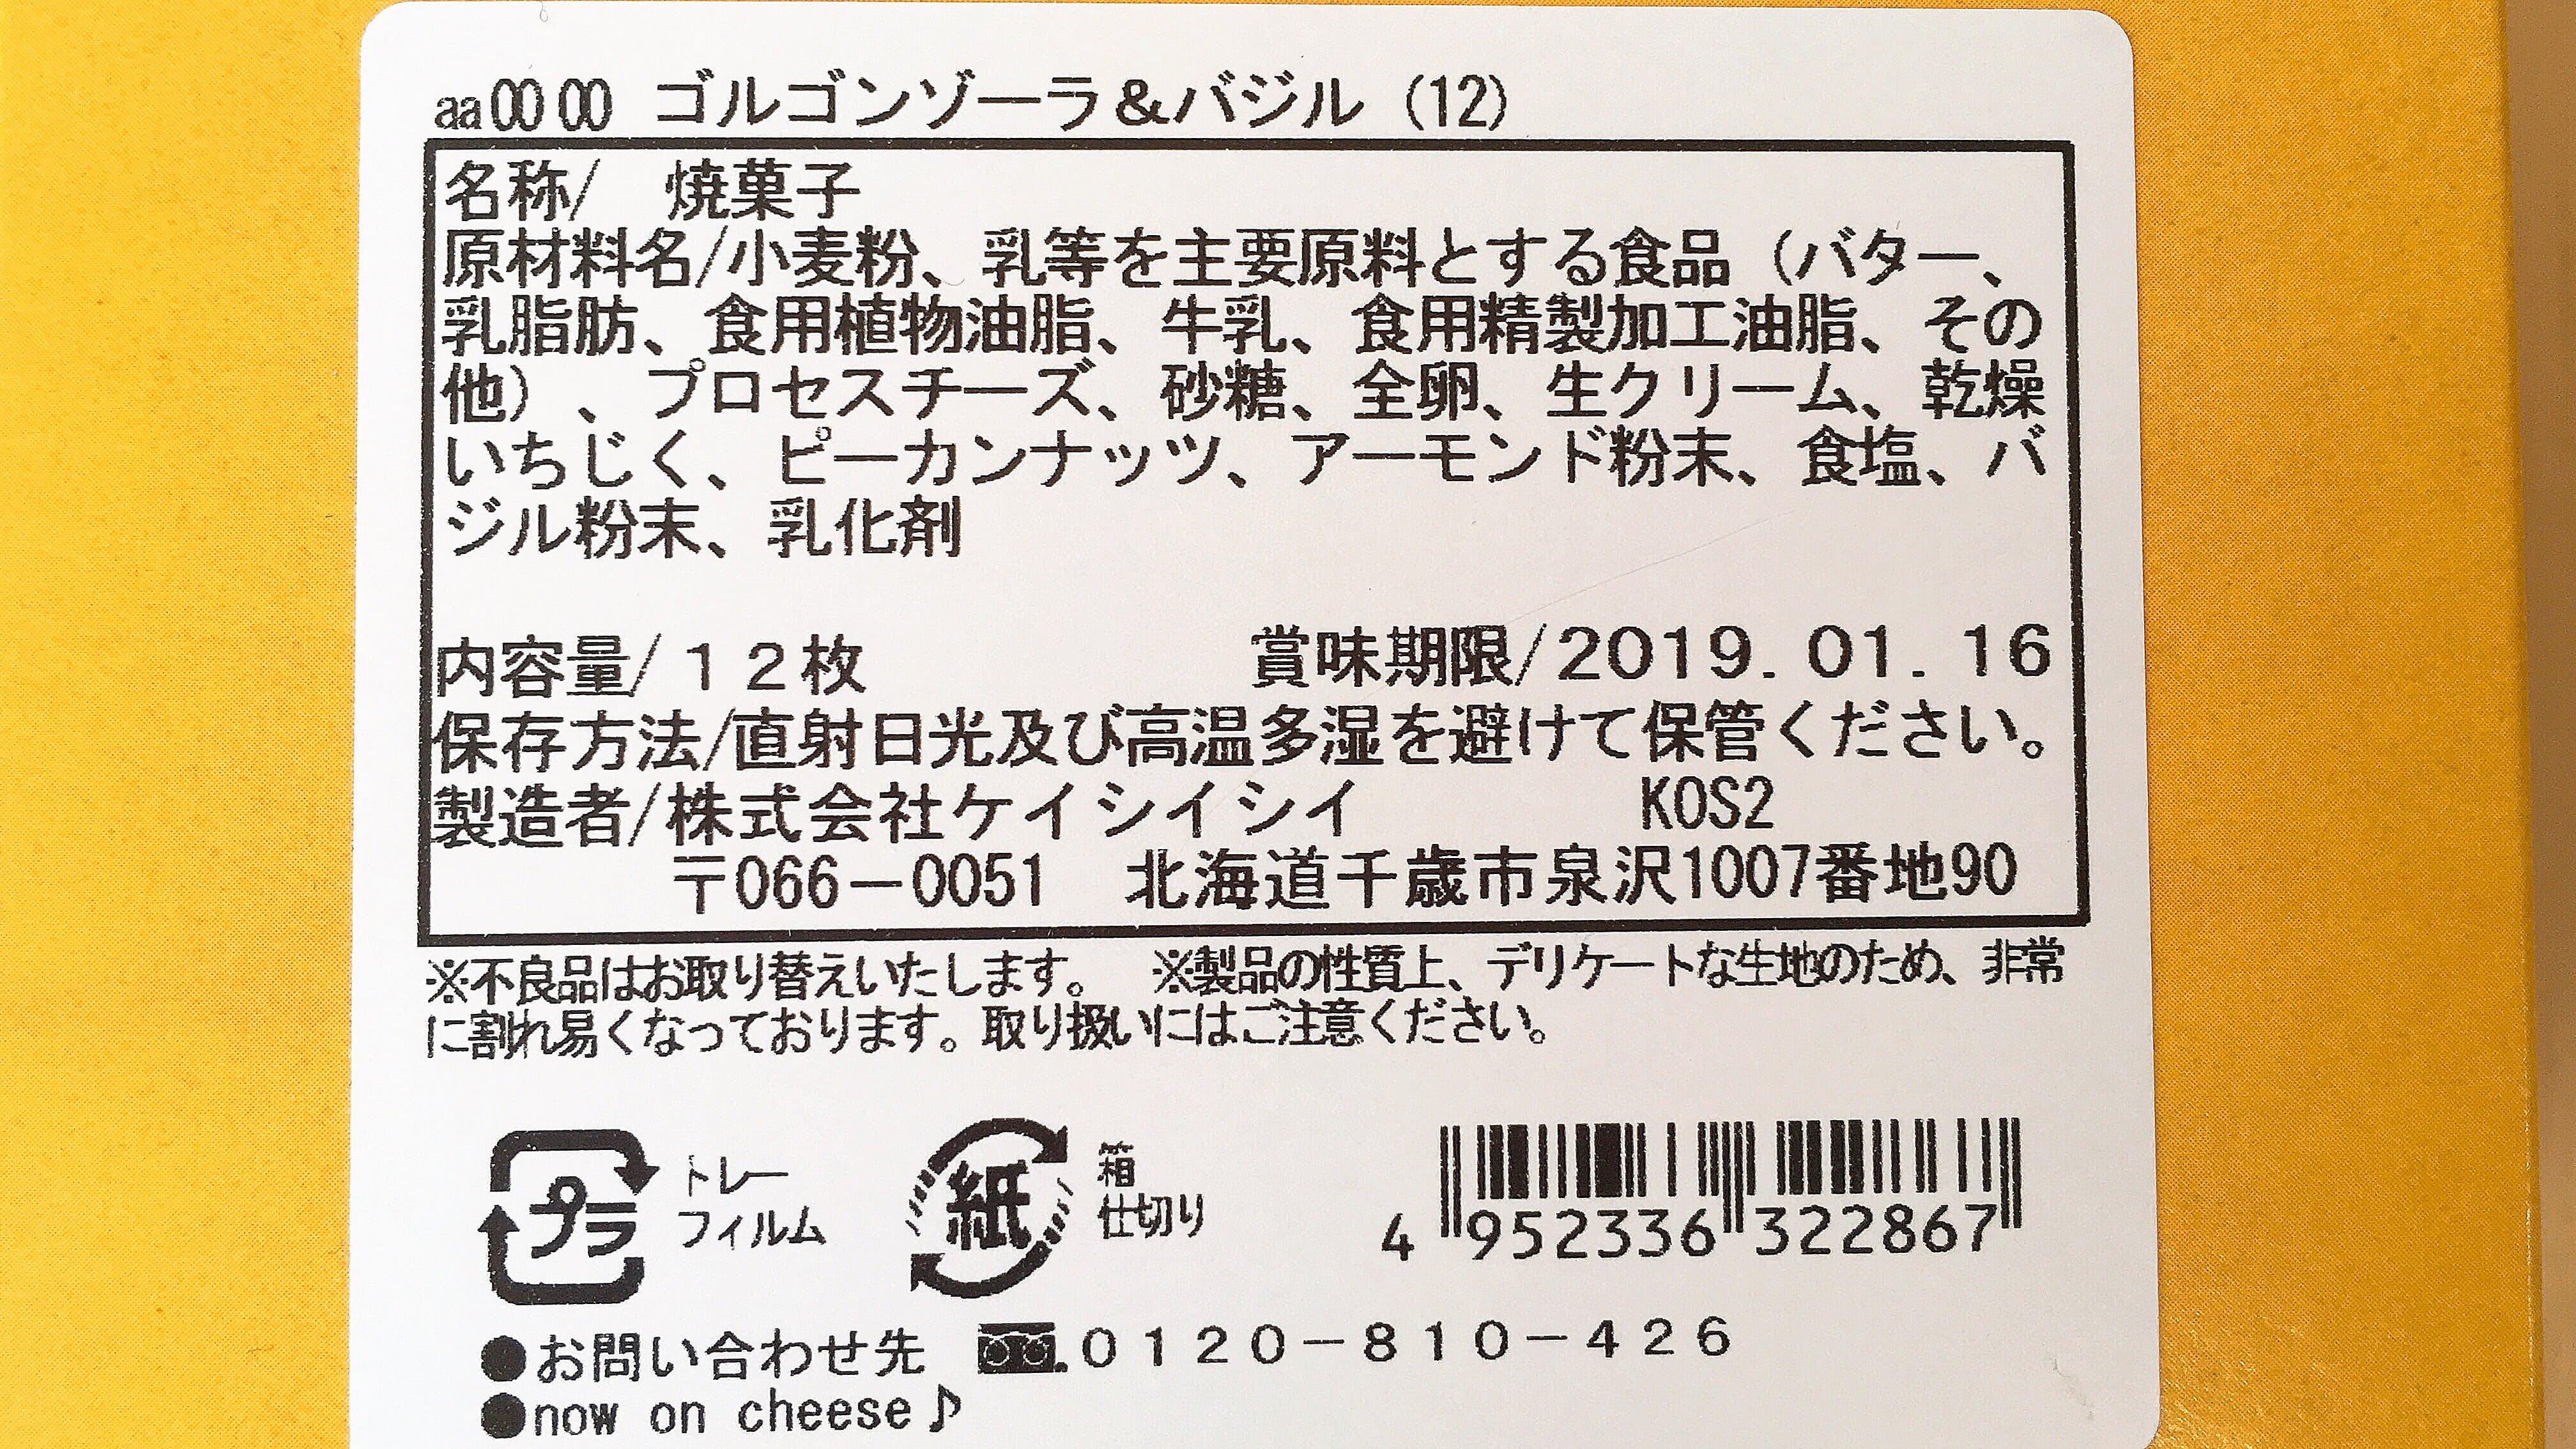 ルミネ新宿のチーズ菓子専門店ナウオンチーズのゴルゴンゾーラ&バジルクッキーの製品表示